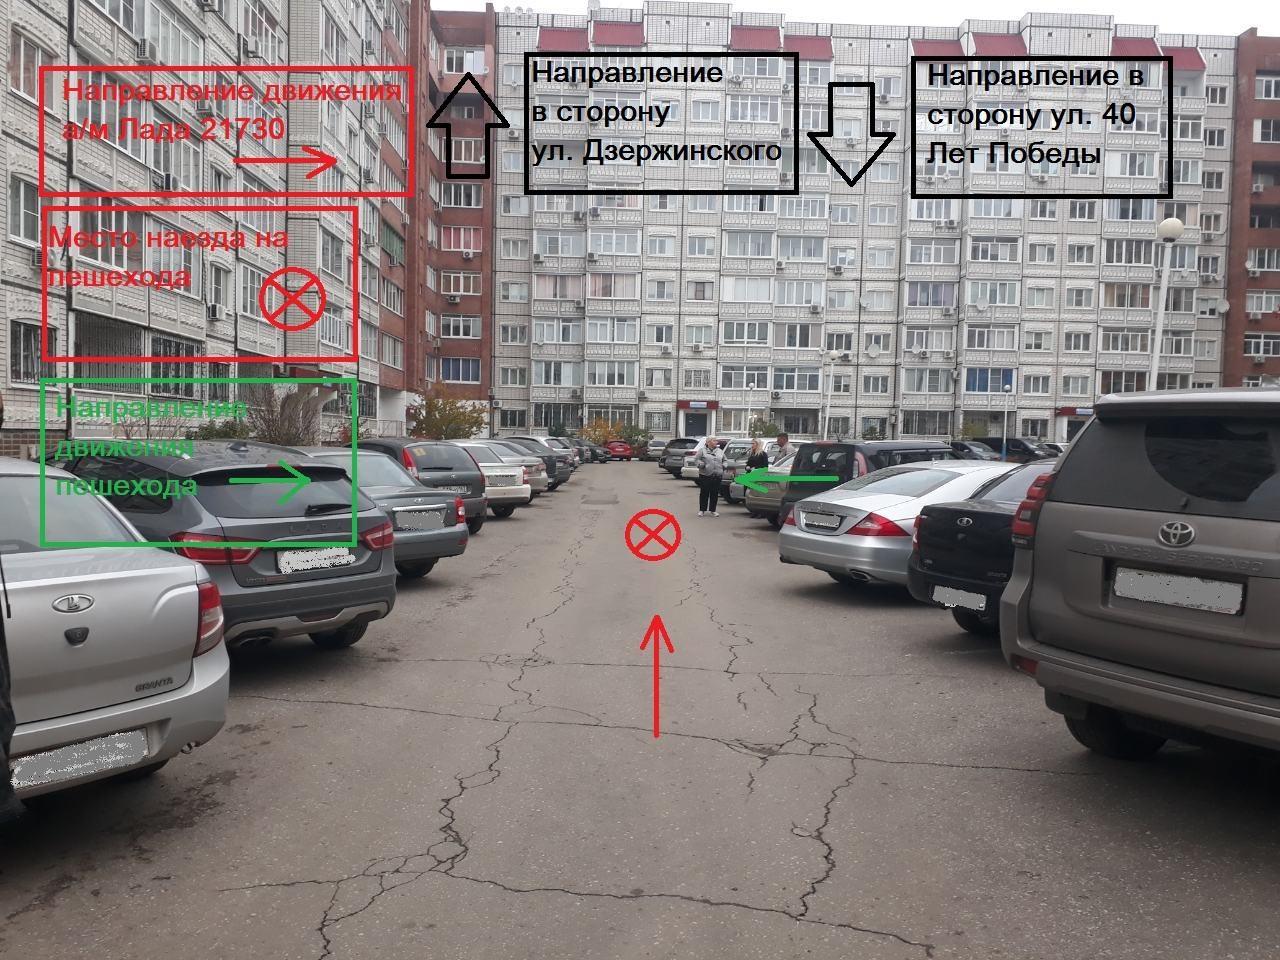 В Тольятти водитель сбил школьника во дворе дома